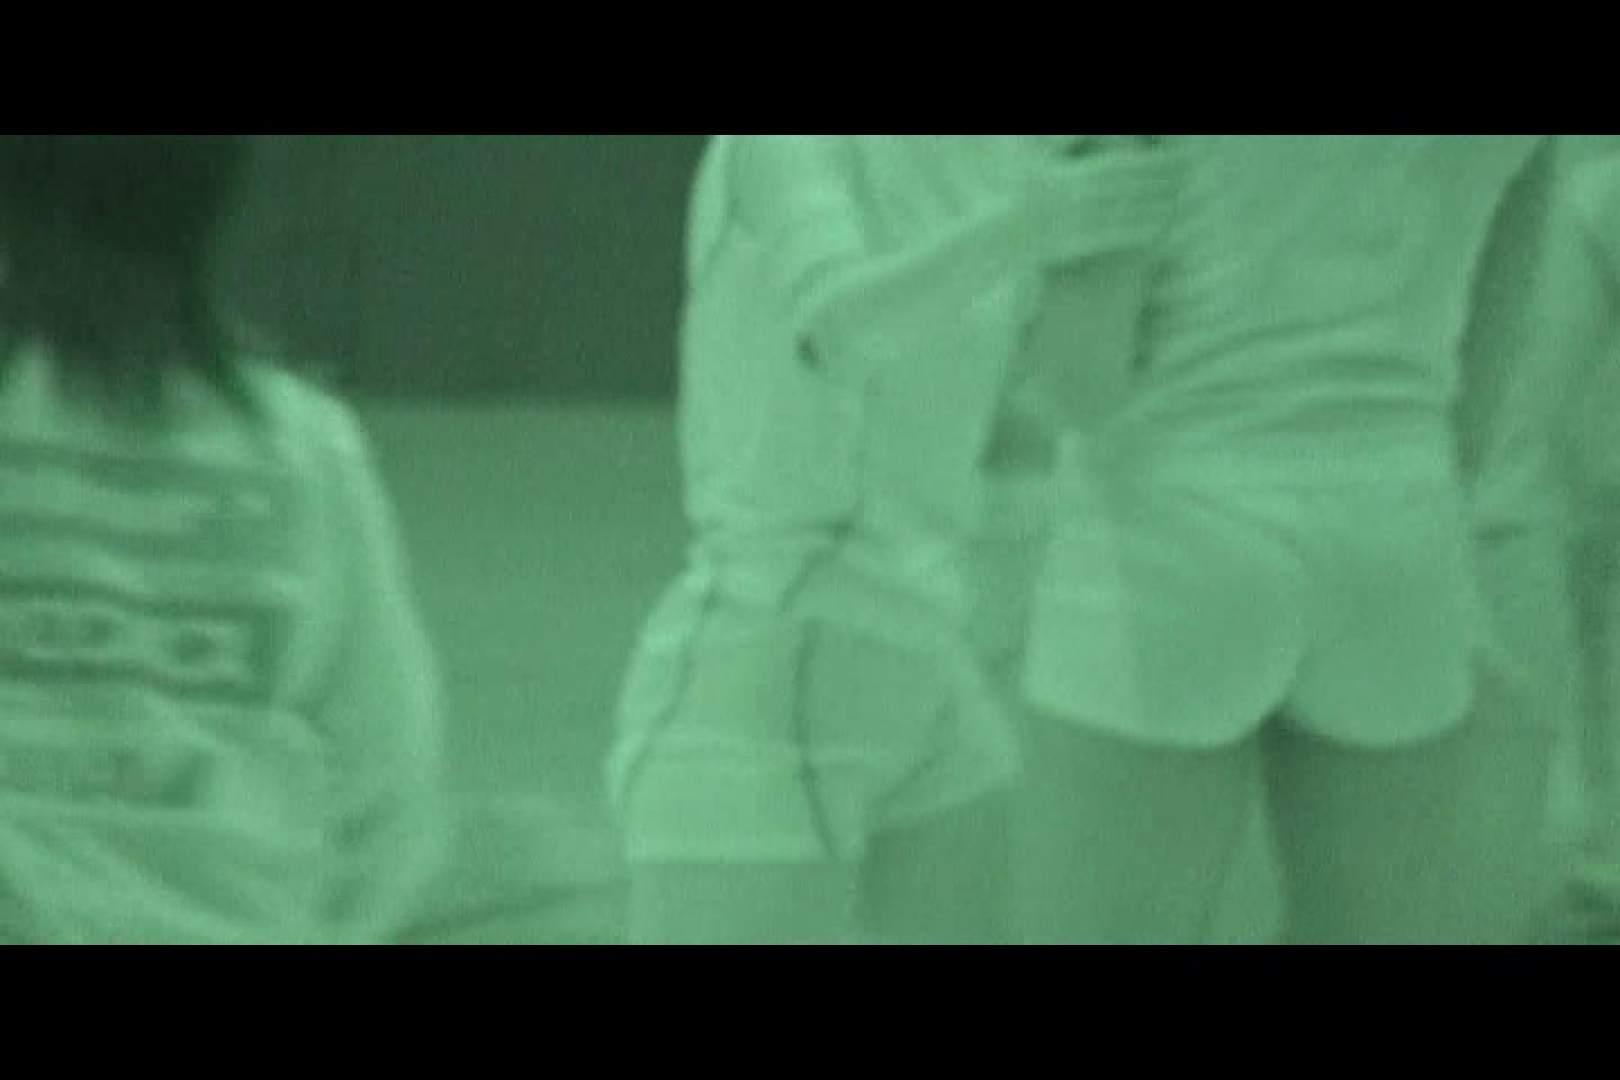 赤外線ムレスケバレー(汗) vol.16 OLのエロ生活 オマンコ動画キャプチャ 21連発 11